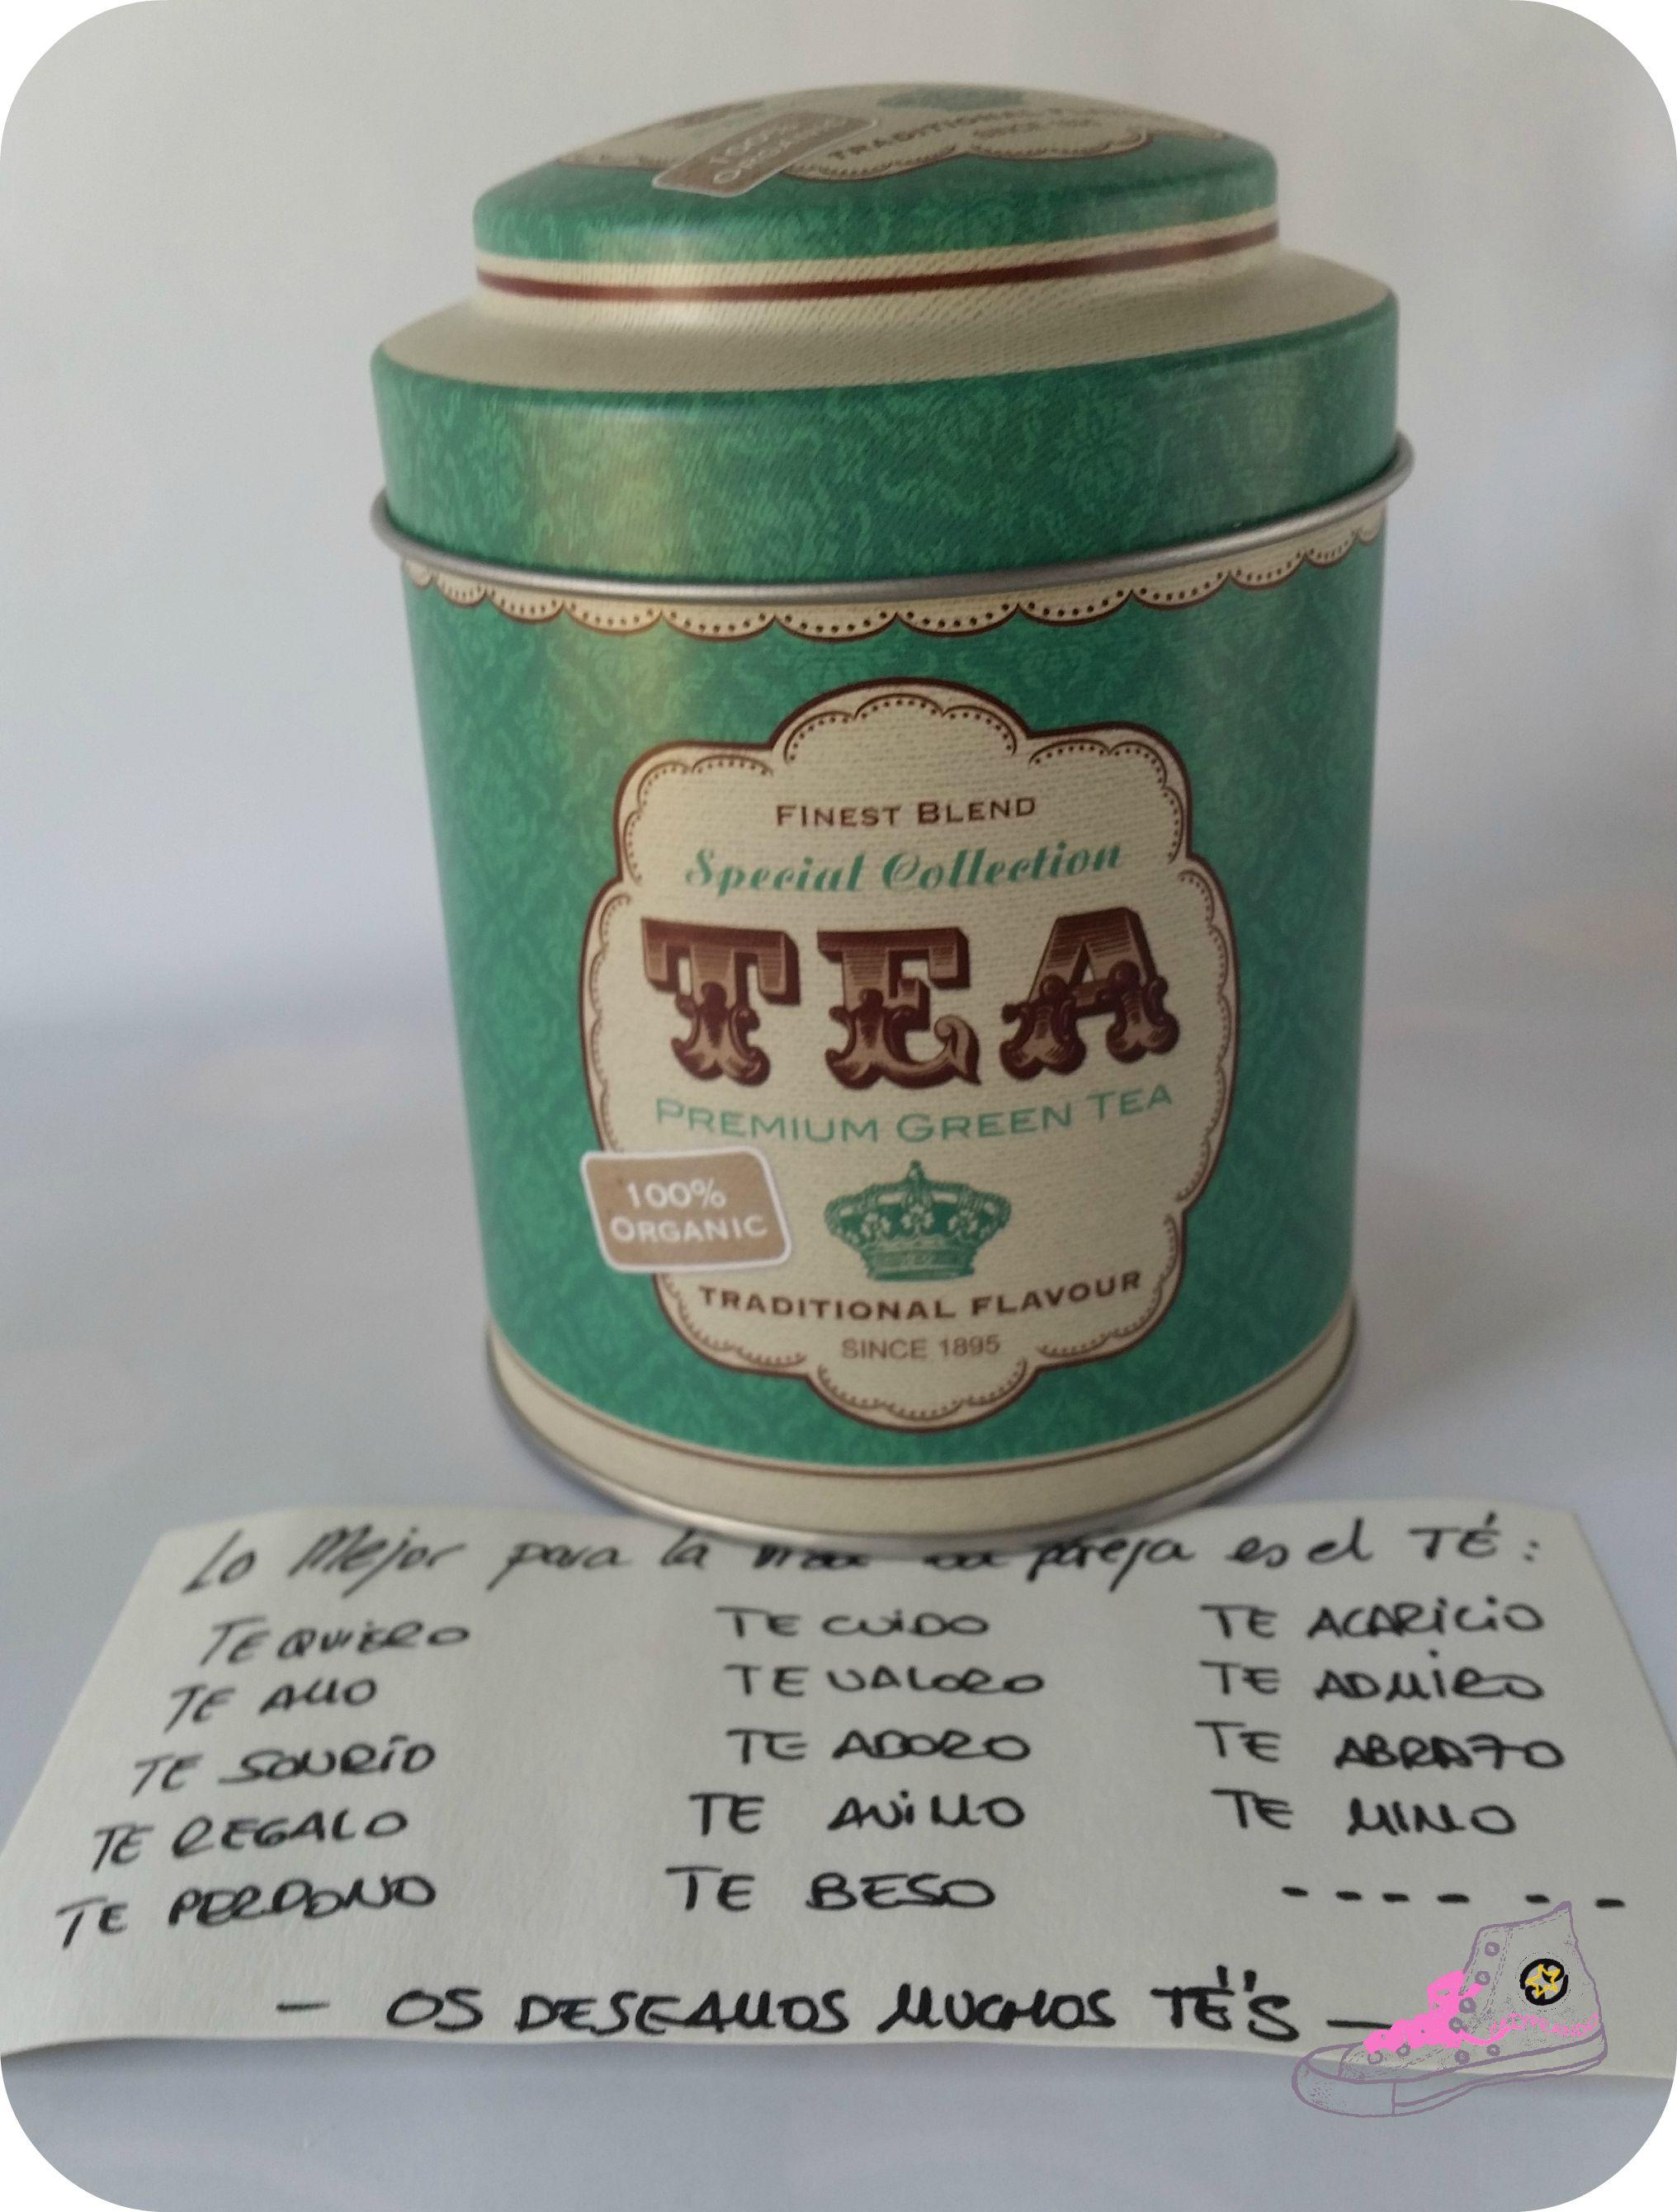 lo mejor para la vida es el té